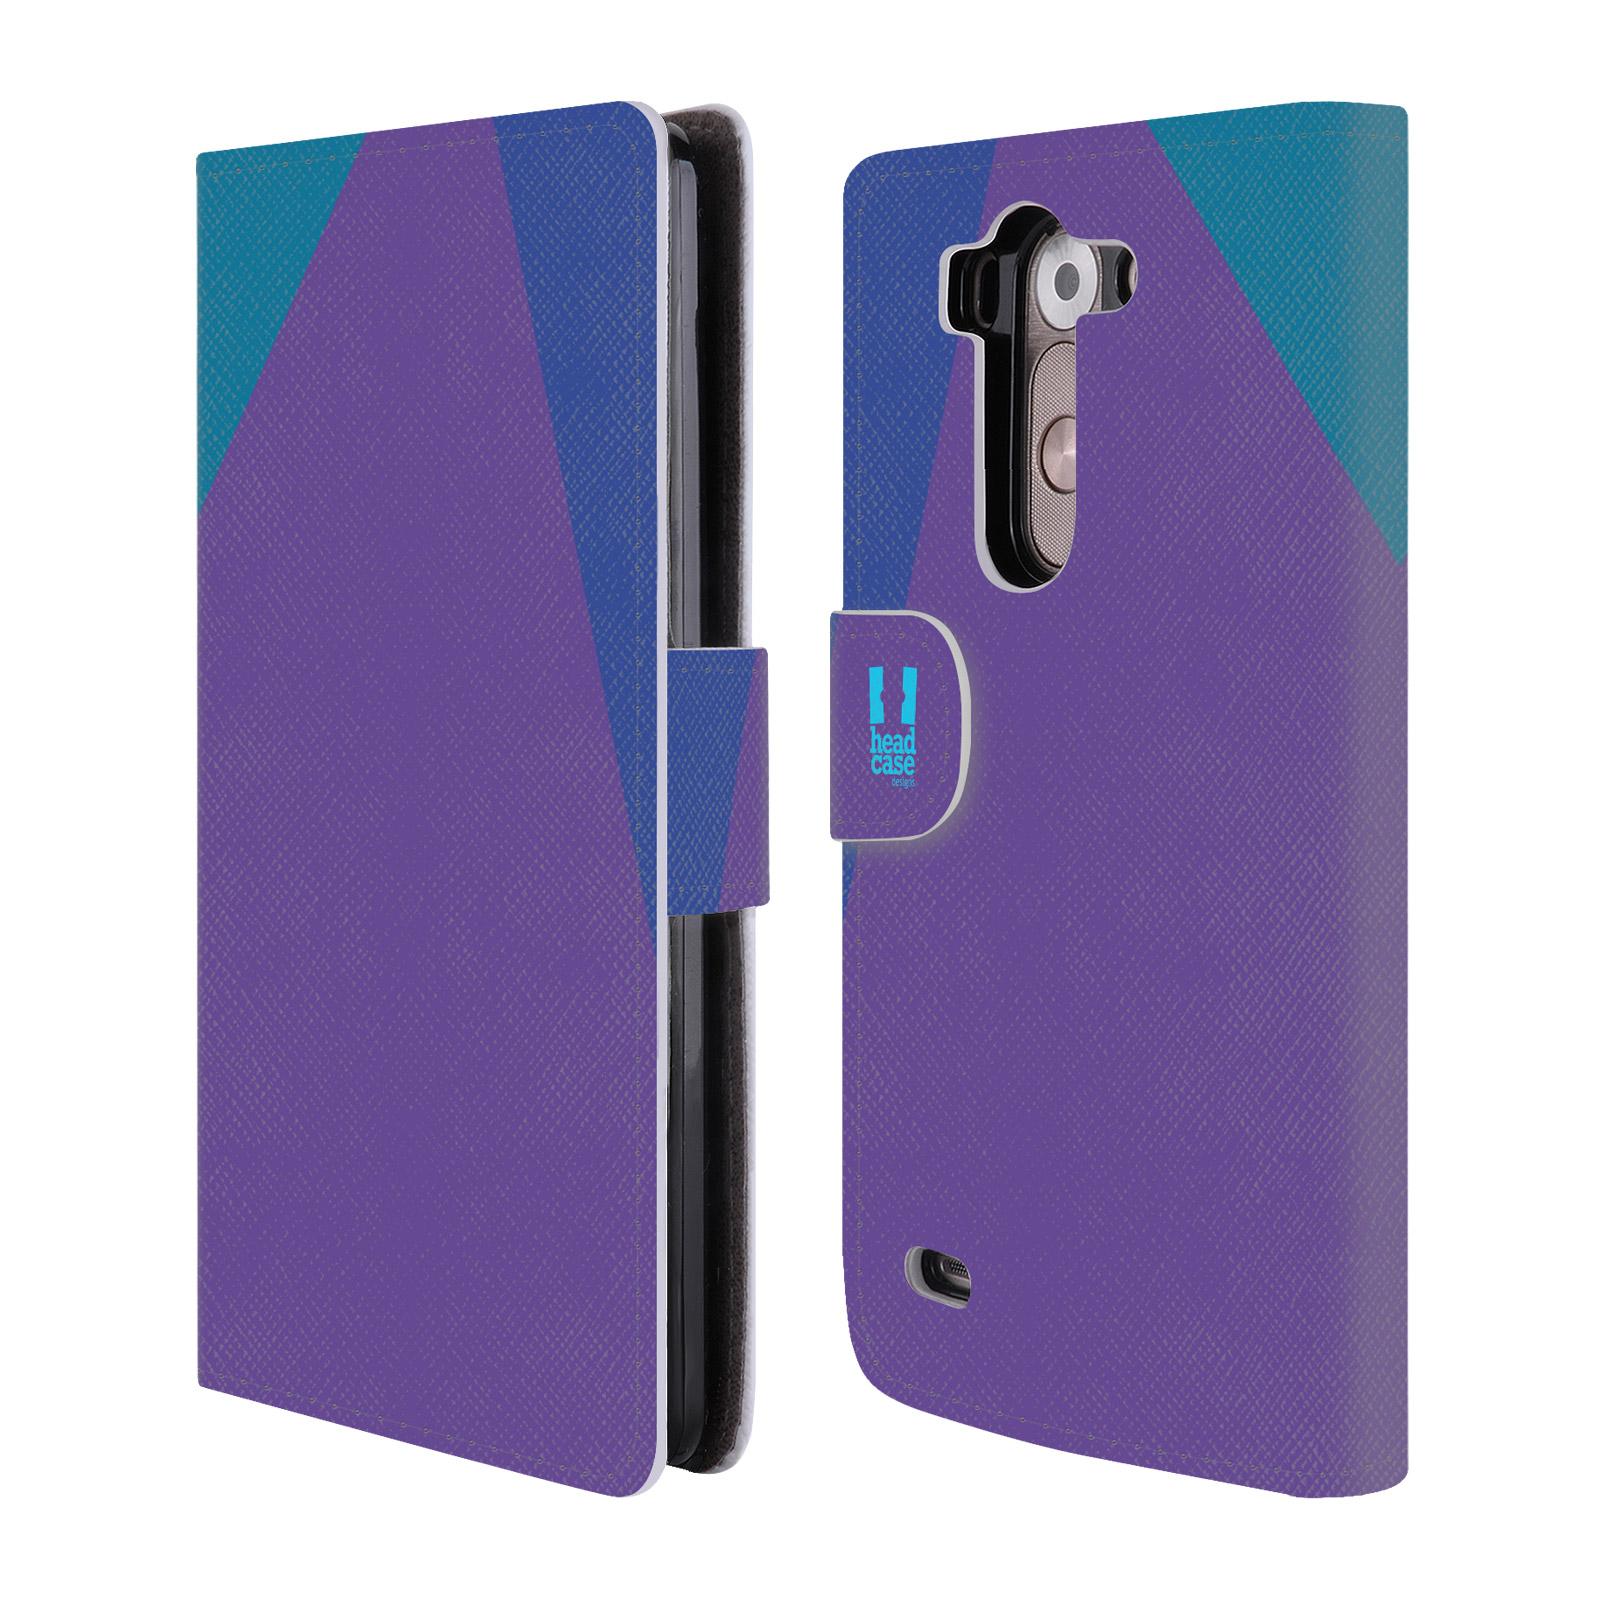 HEAD CASE Flipové pouzdro pro mobil LG G3s barevné tvary fialová feminine